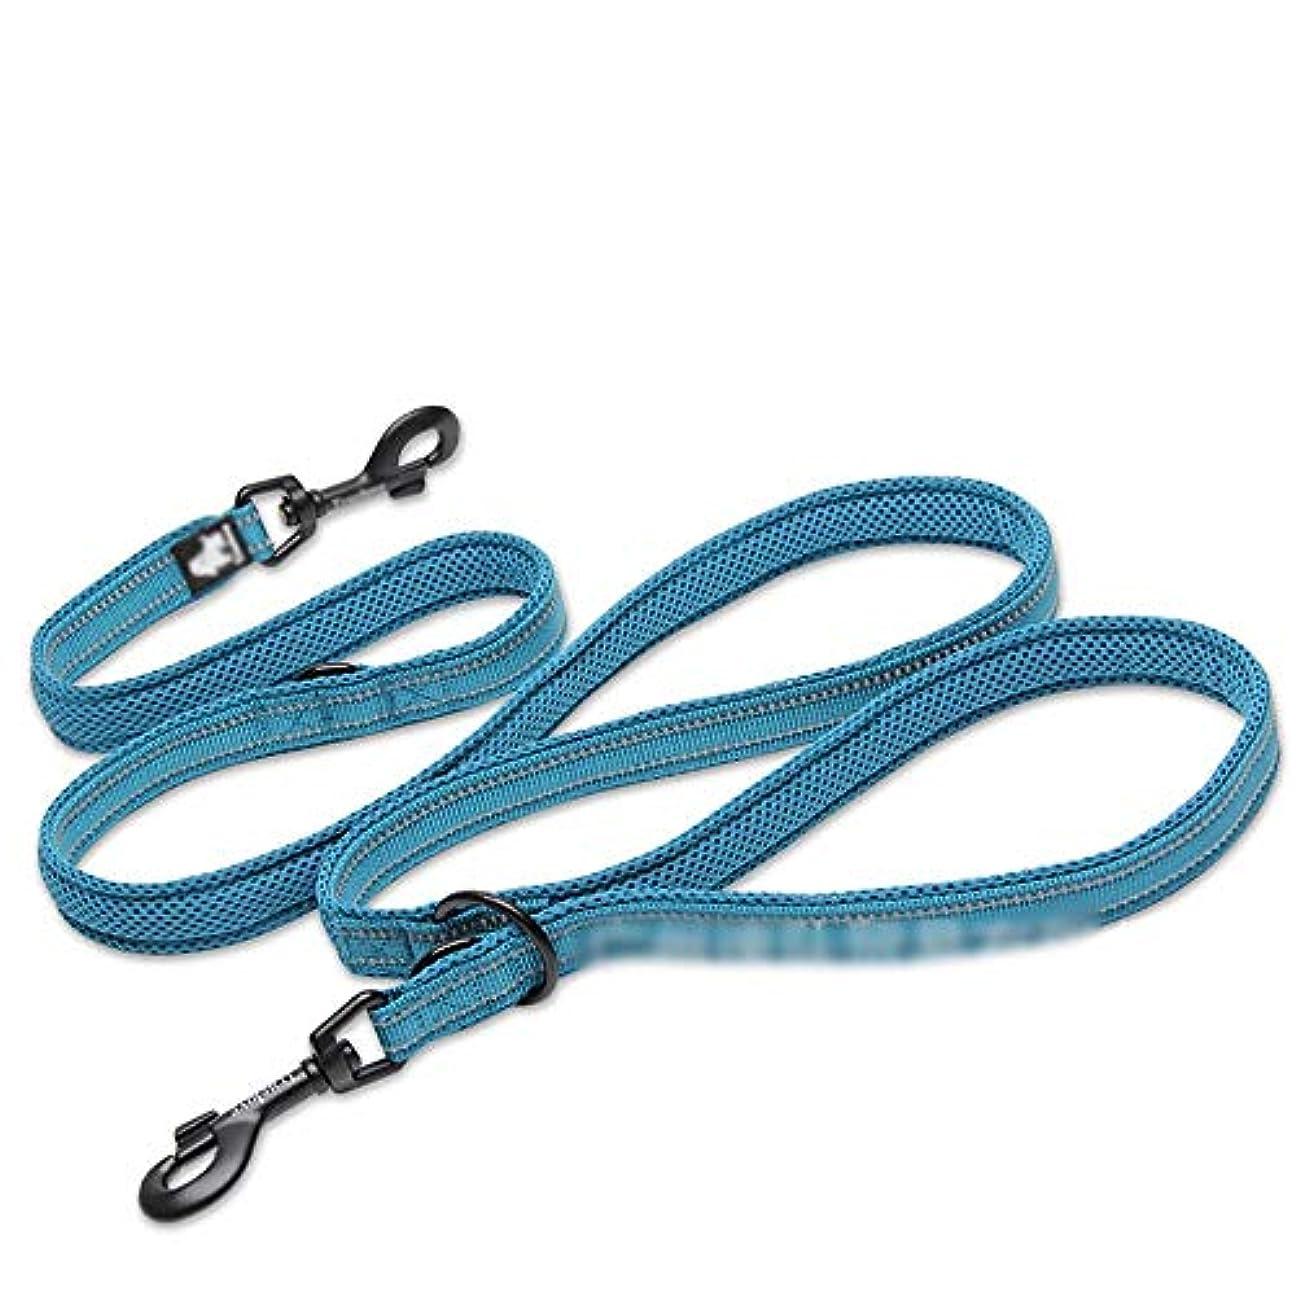 咽頭姿勢兄弟愛Jtydj 多機能犬用ハーネス、屋外ウォーキング用ハンドル付きの引くことのできない通気性の調整可能なベスト - これ以上引くことはありません (色 : 青)